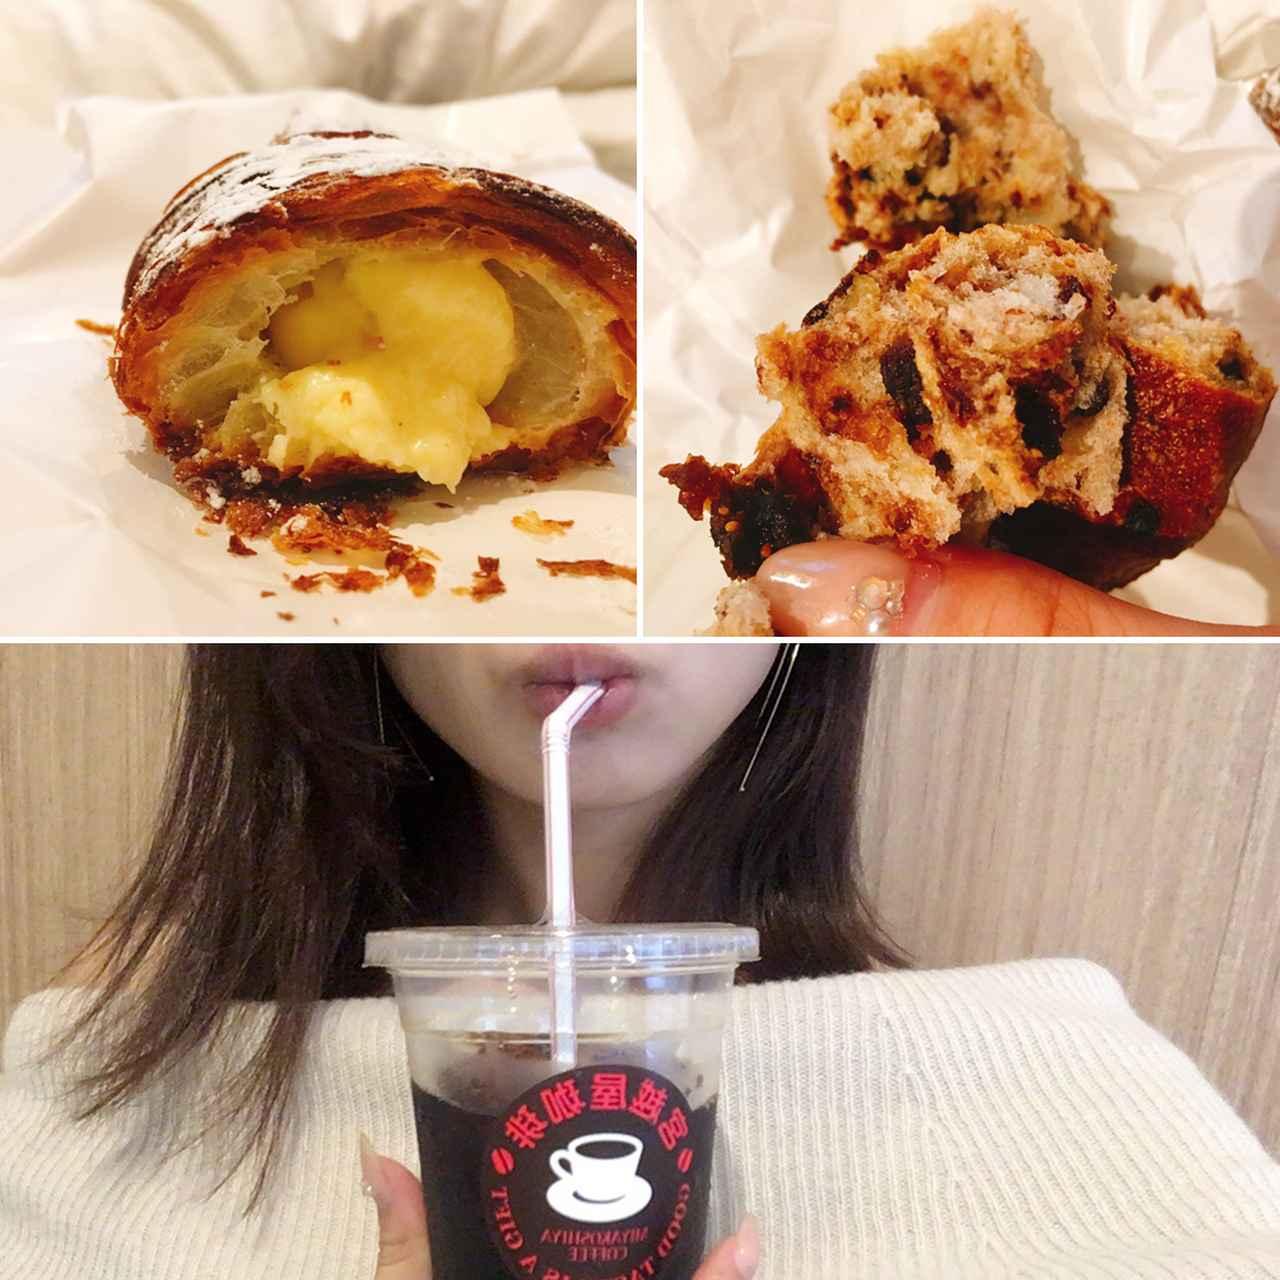 画像4: 一木美里のおいしくたべようの会 vol.17 『きれいな空気の味』#朝ごパン #札幌